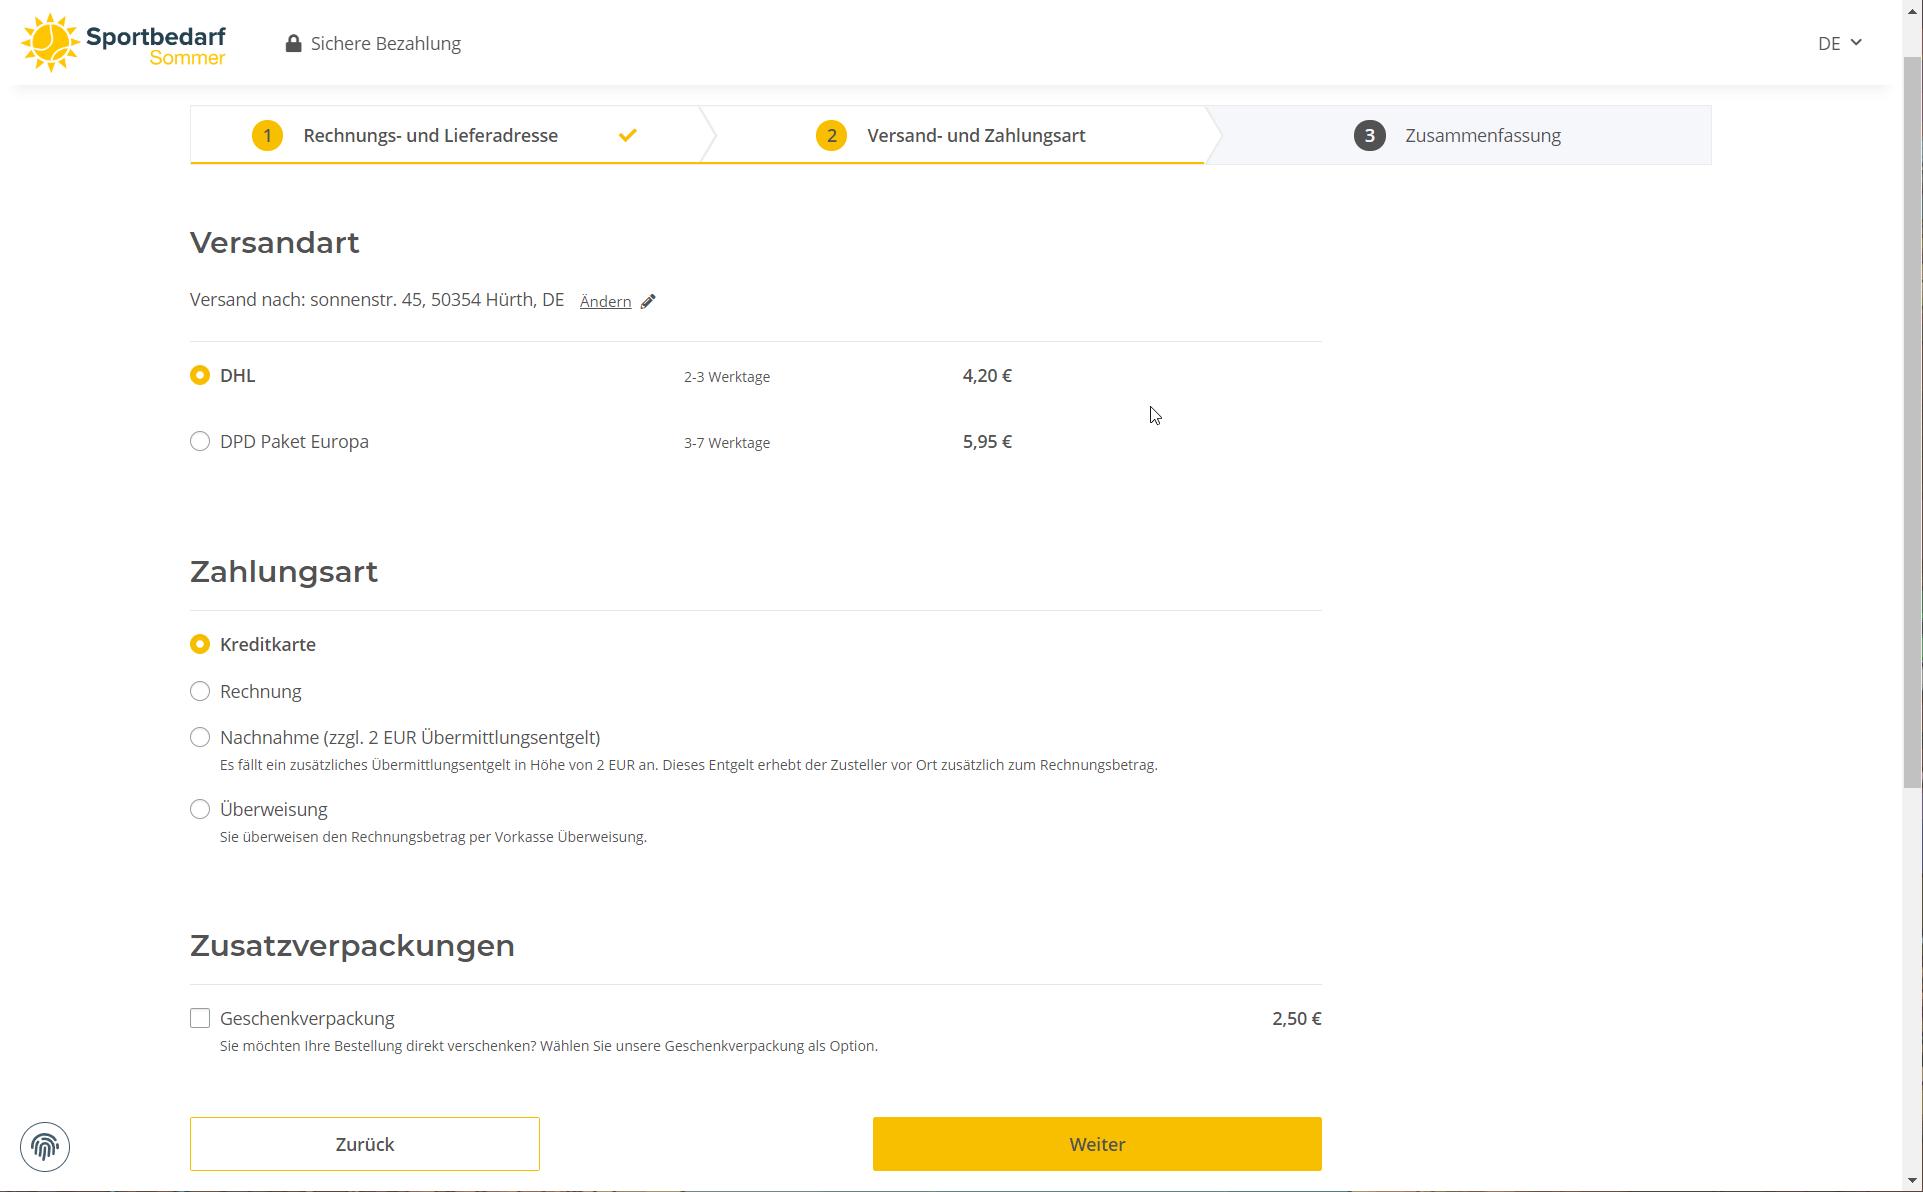 Zusatzverpackungen im Onlineshop anbieten